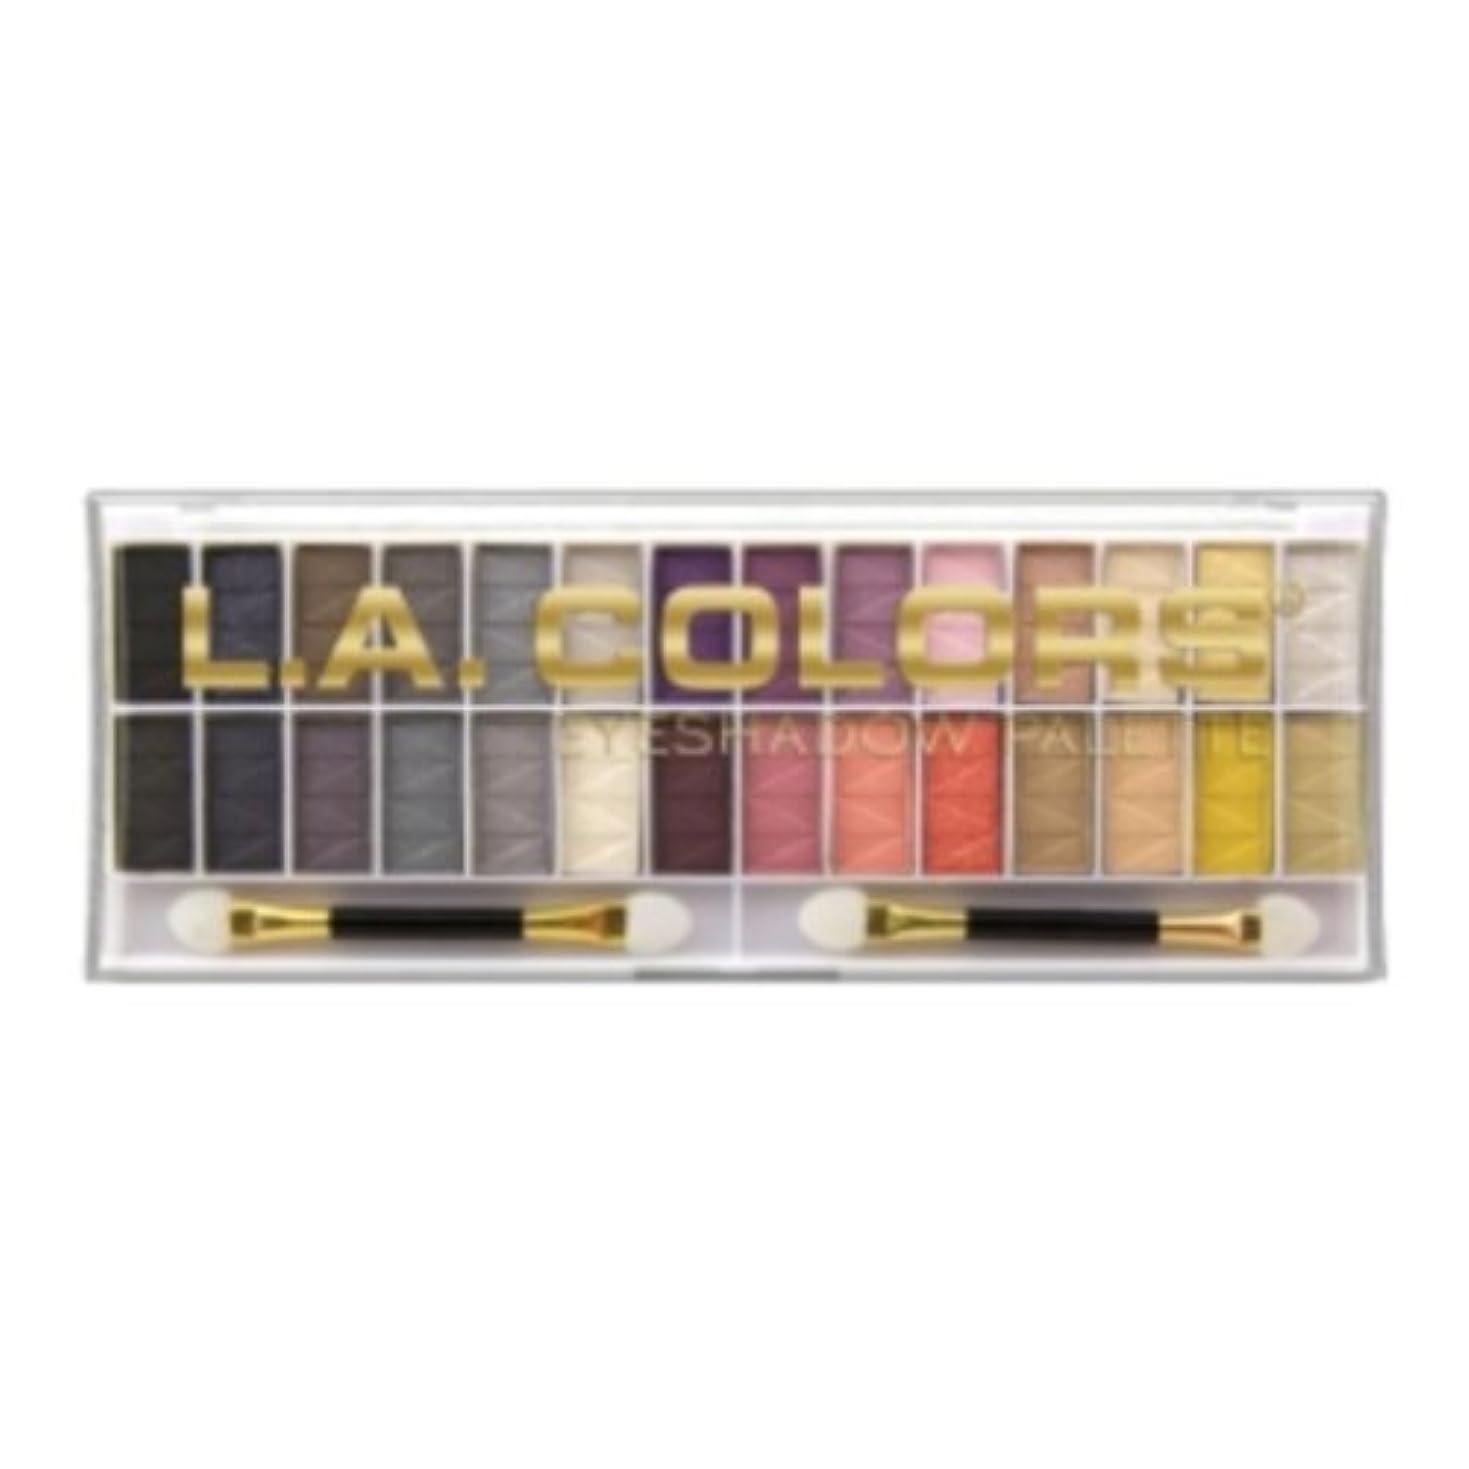 副和解する保存L.A. COLORS 28 Color Eyeshadow Palette - Malibu (並行輸入品)